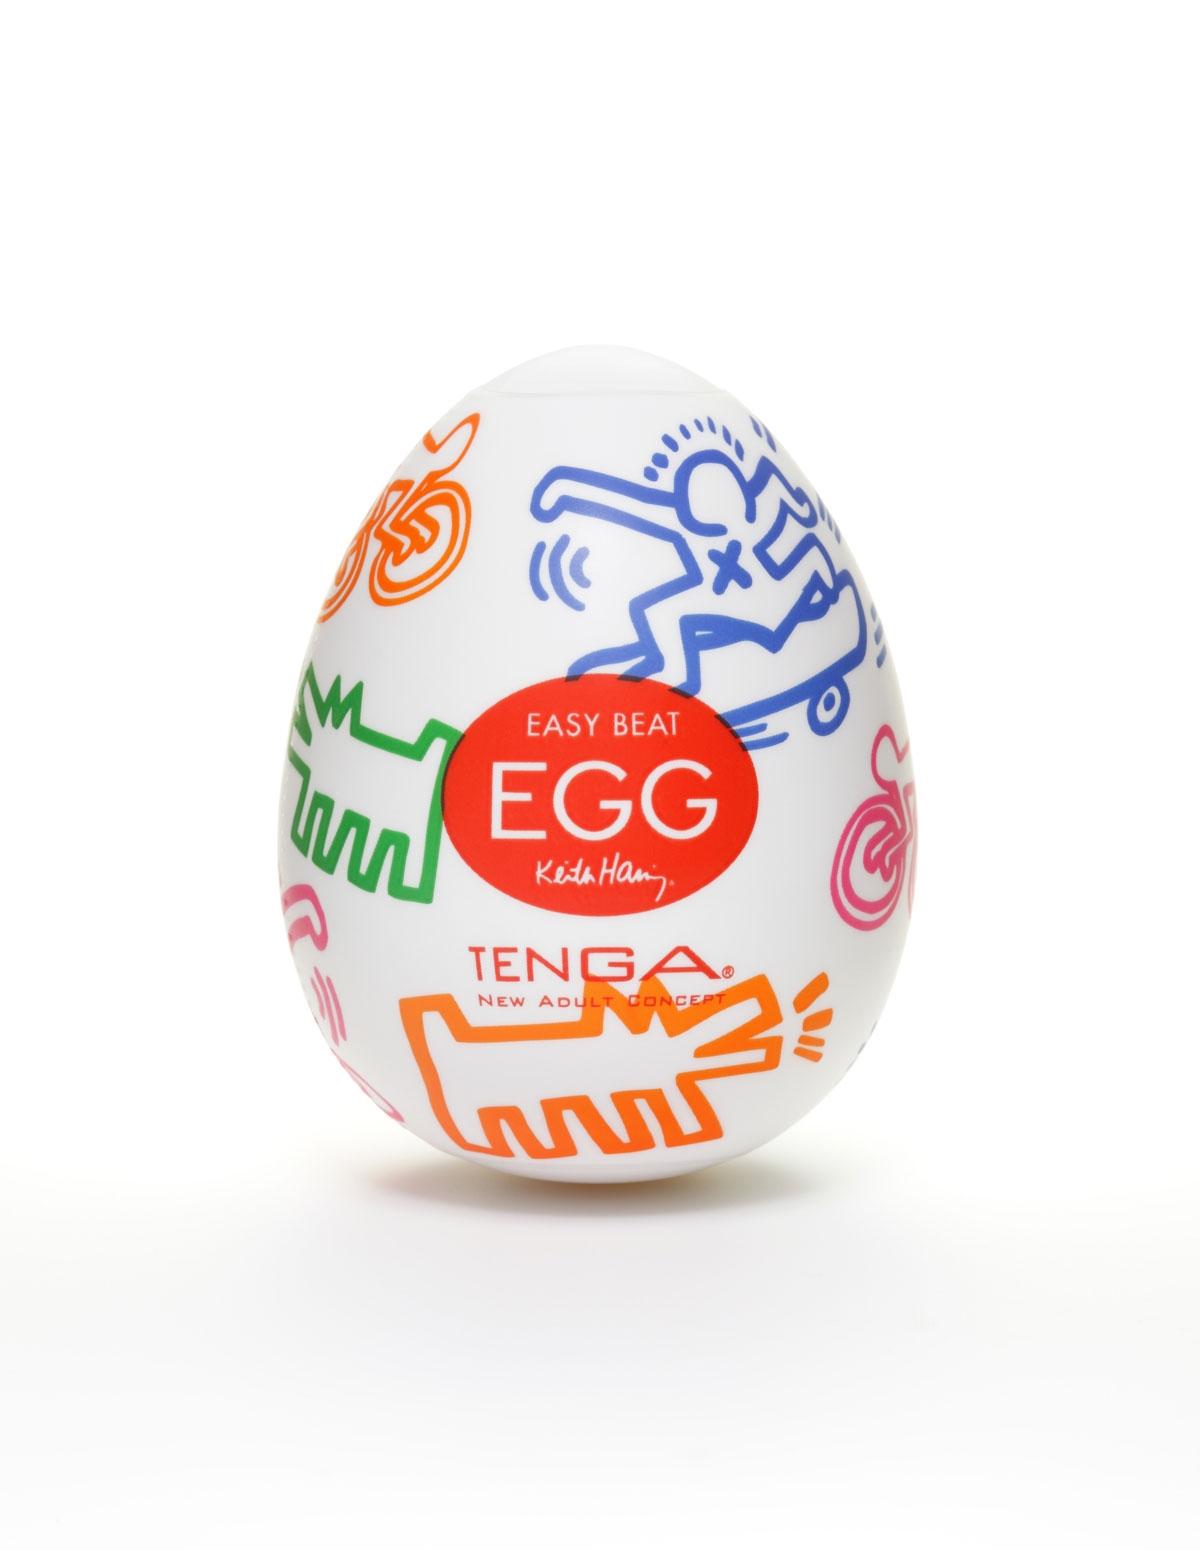 Street Tenga Egg